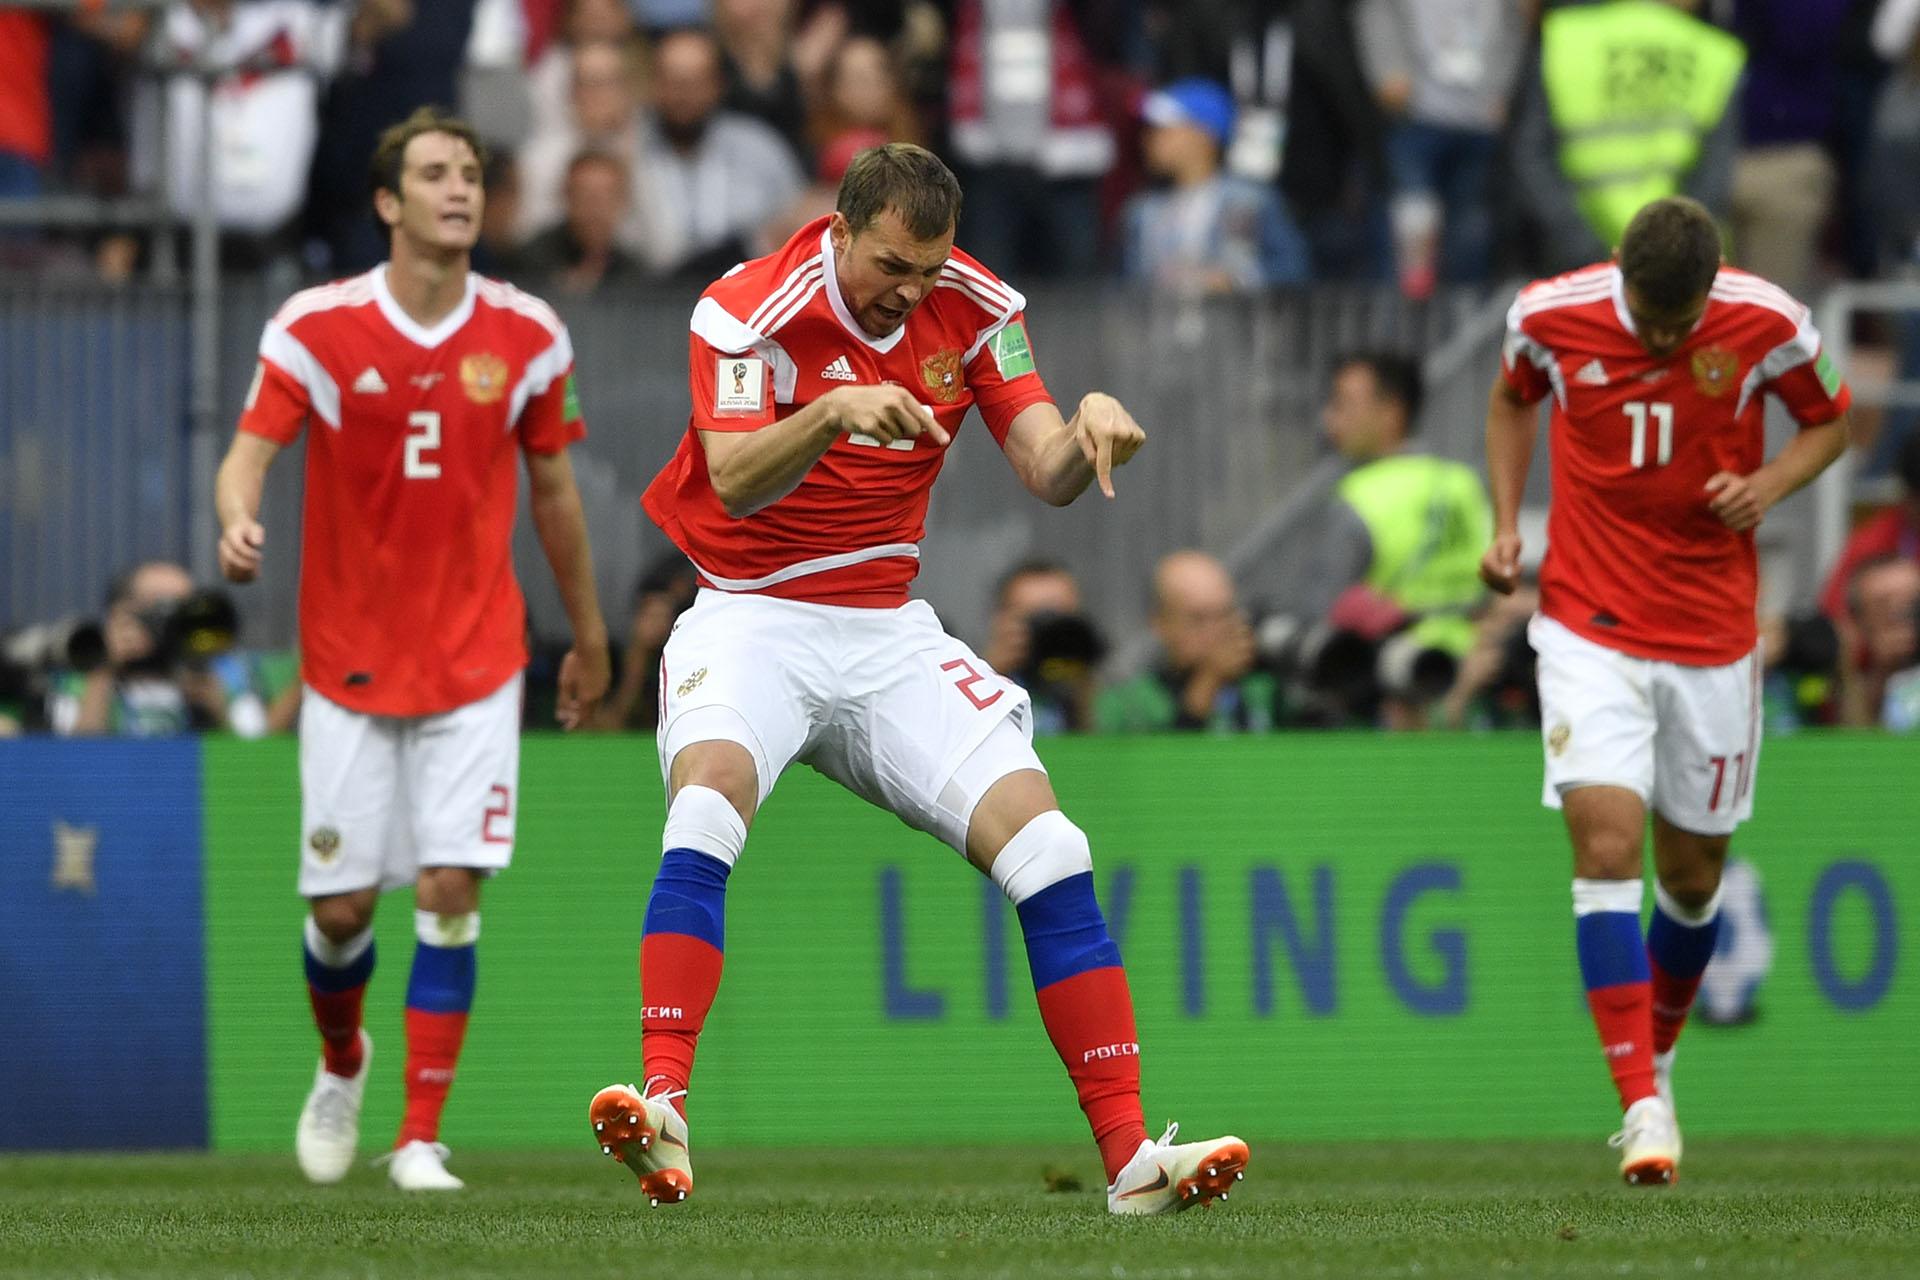 El ruso Artem Dzyuba festeja el tercer tanto del dueño de casa en el debut: sería 5-0 ante Arabia Saudita